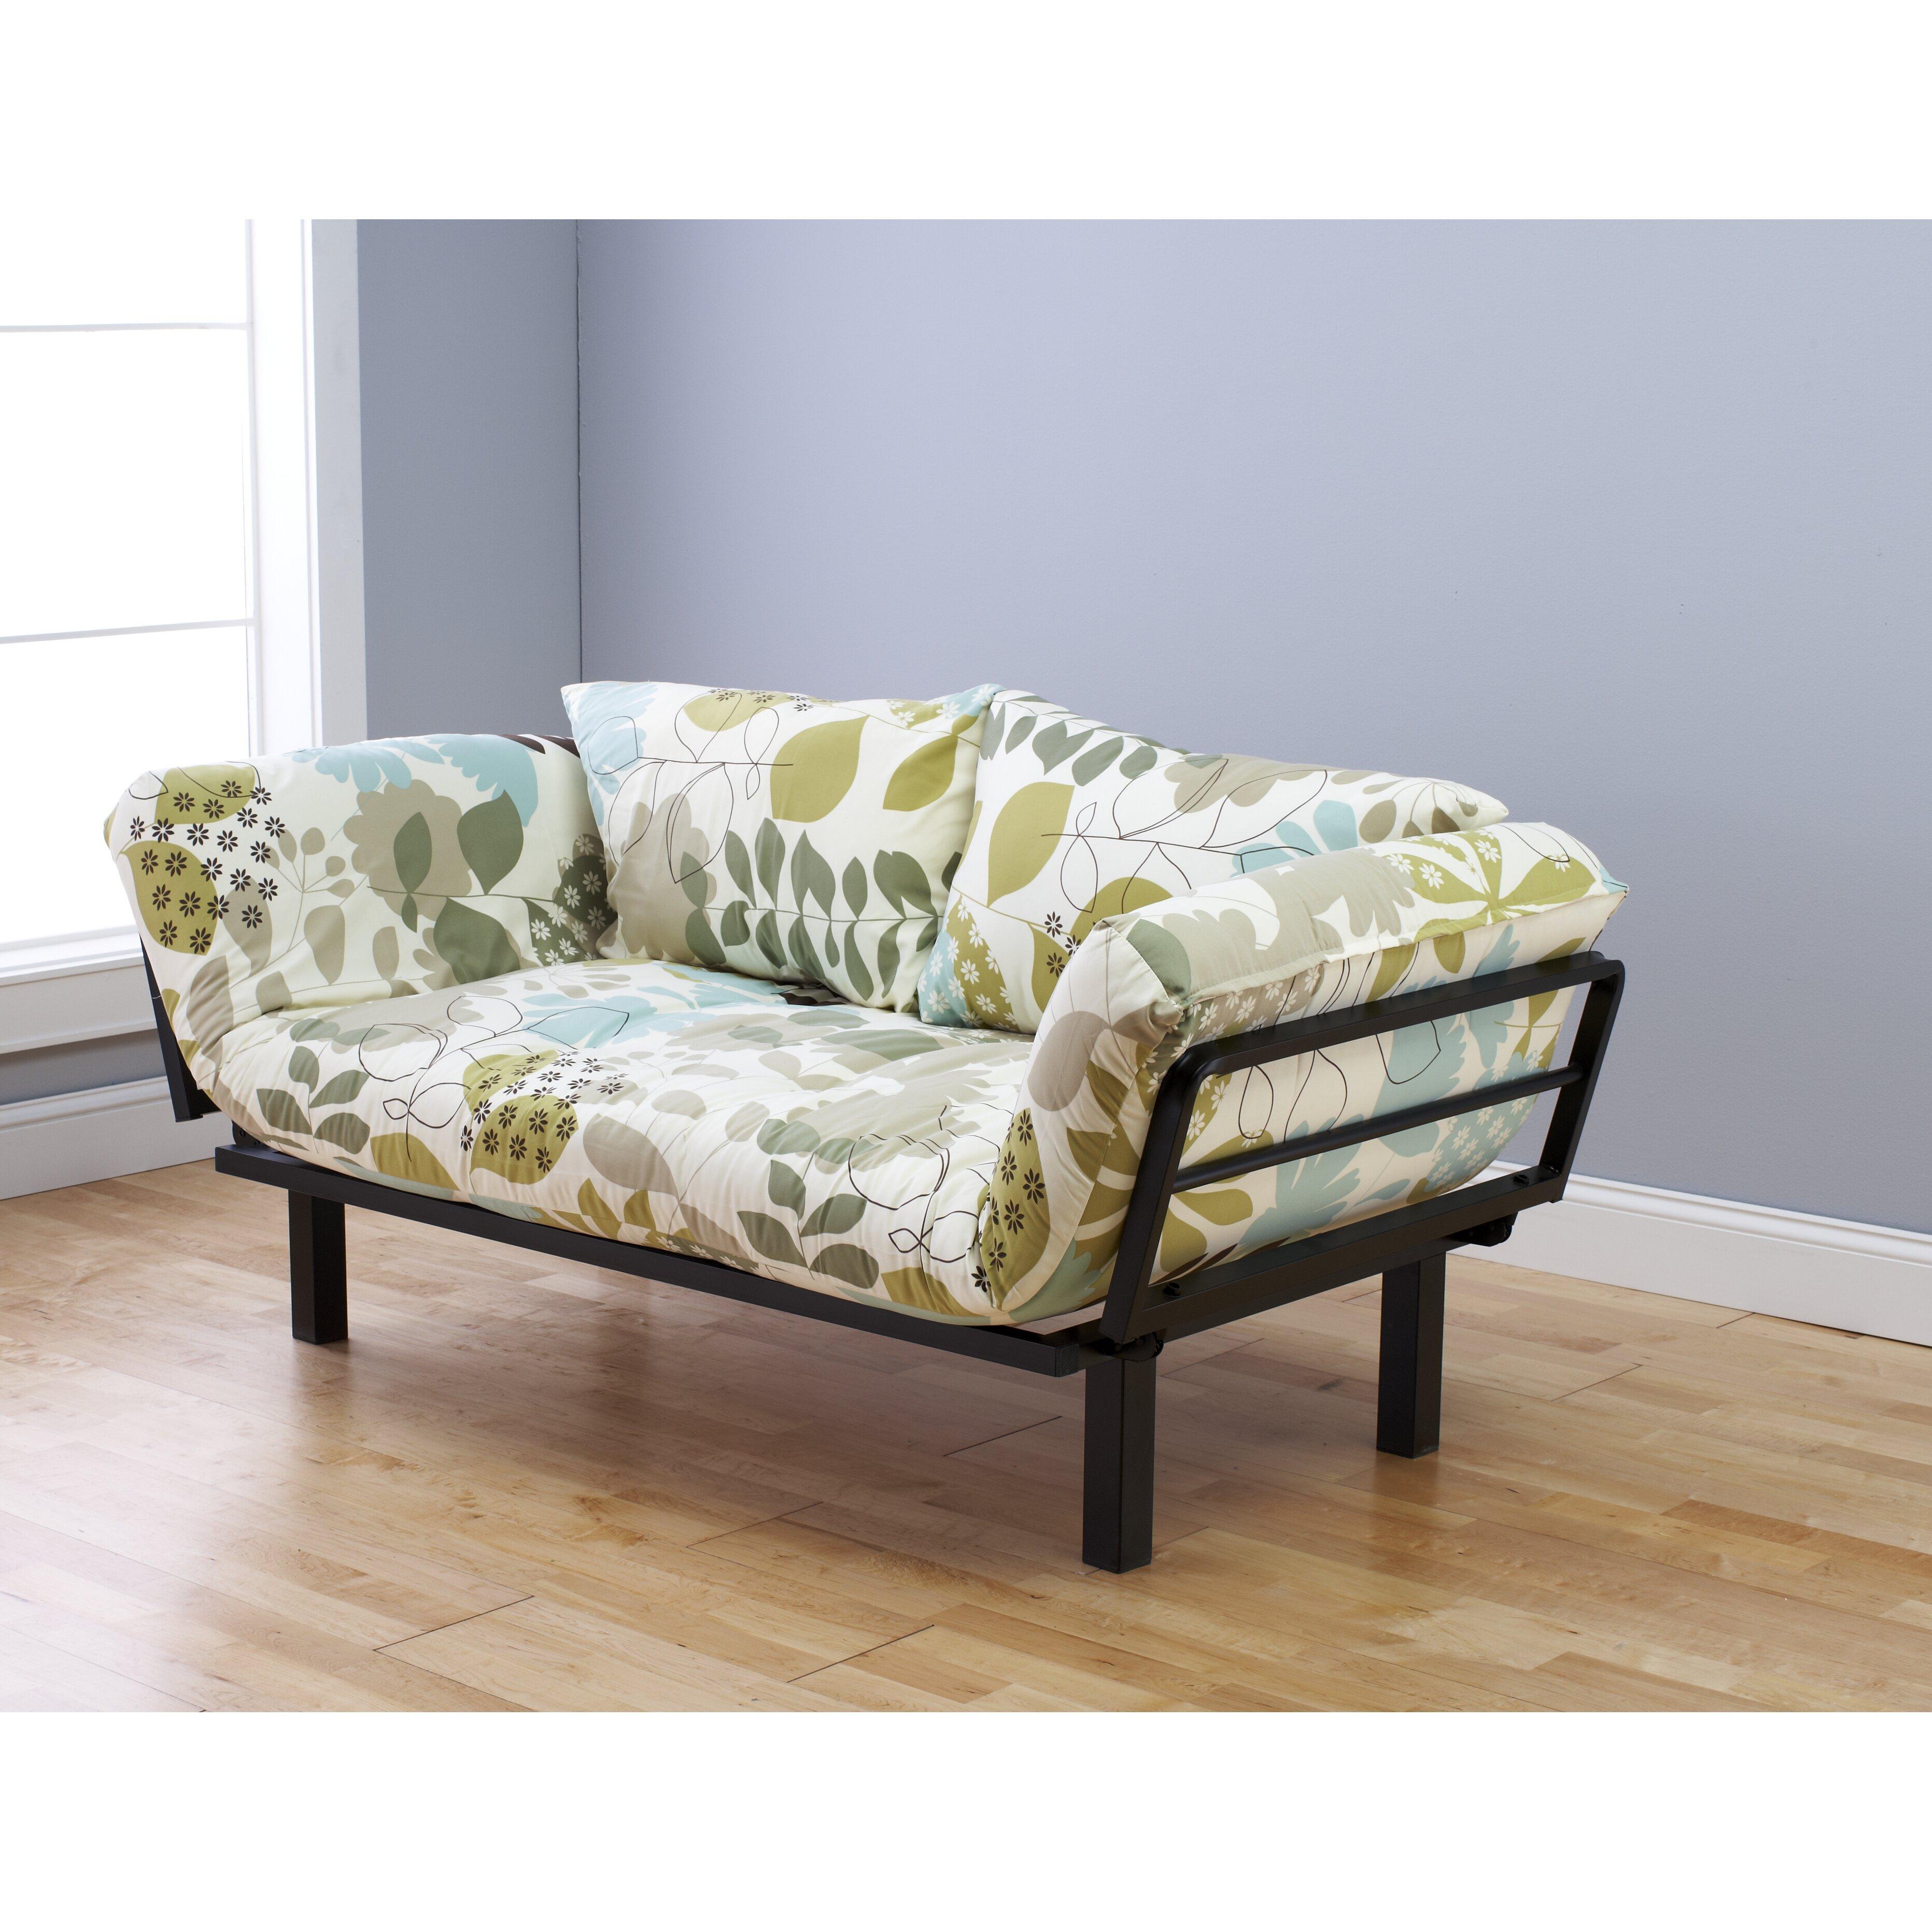 Kodiak Furniture Convertible Sofa Reviews Wayfair